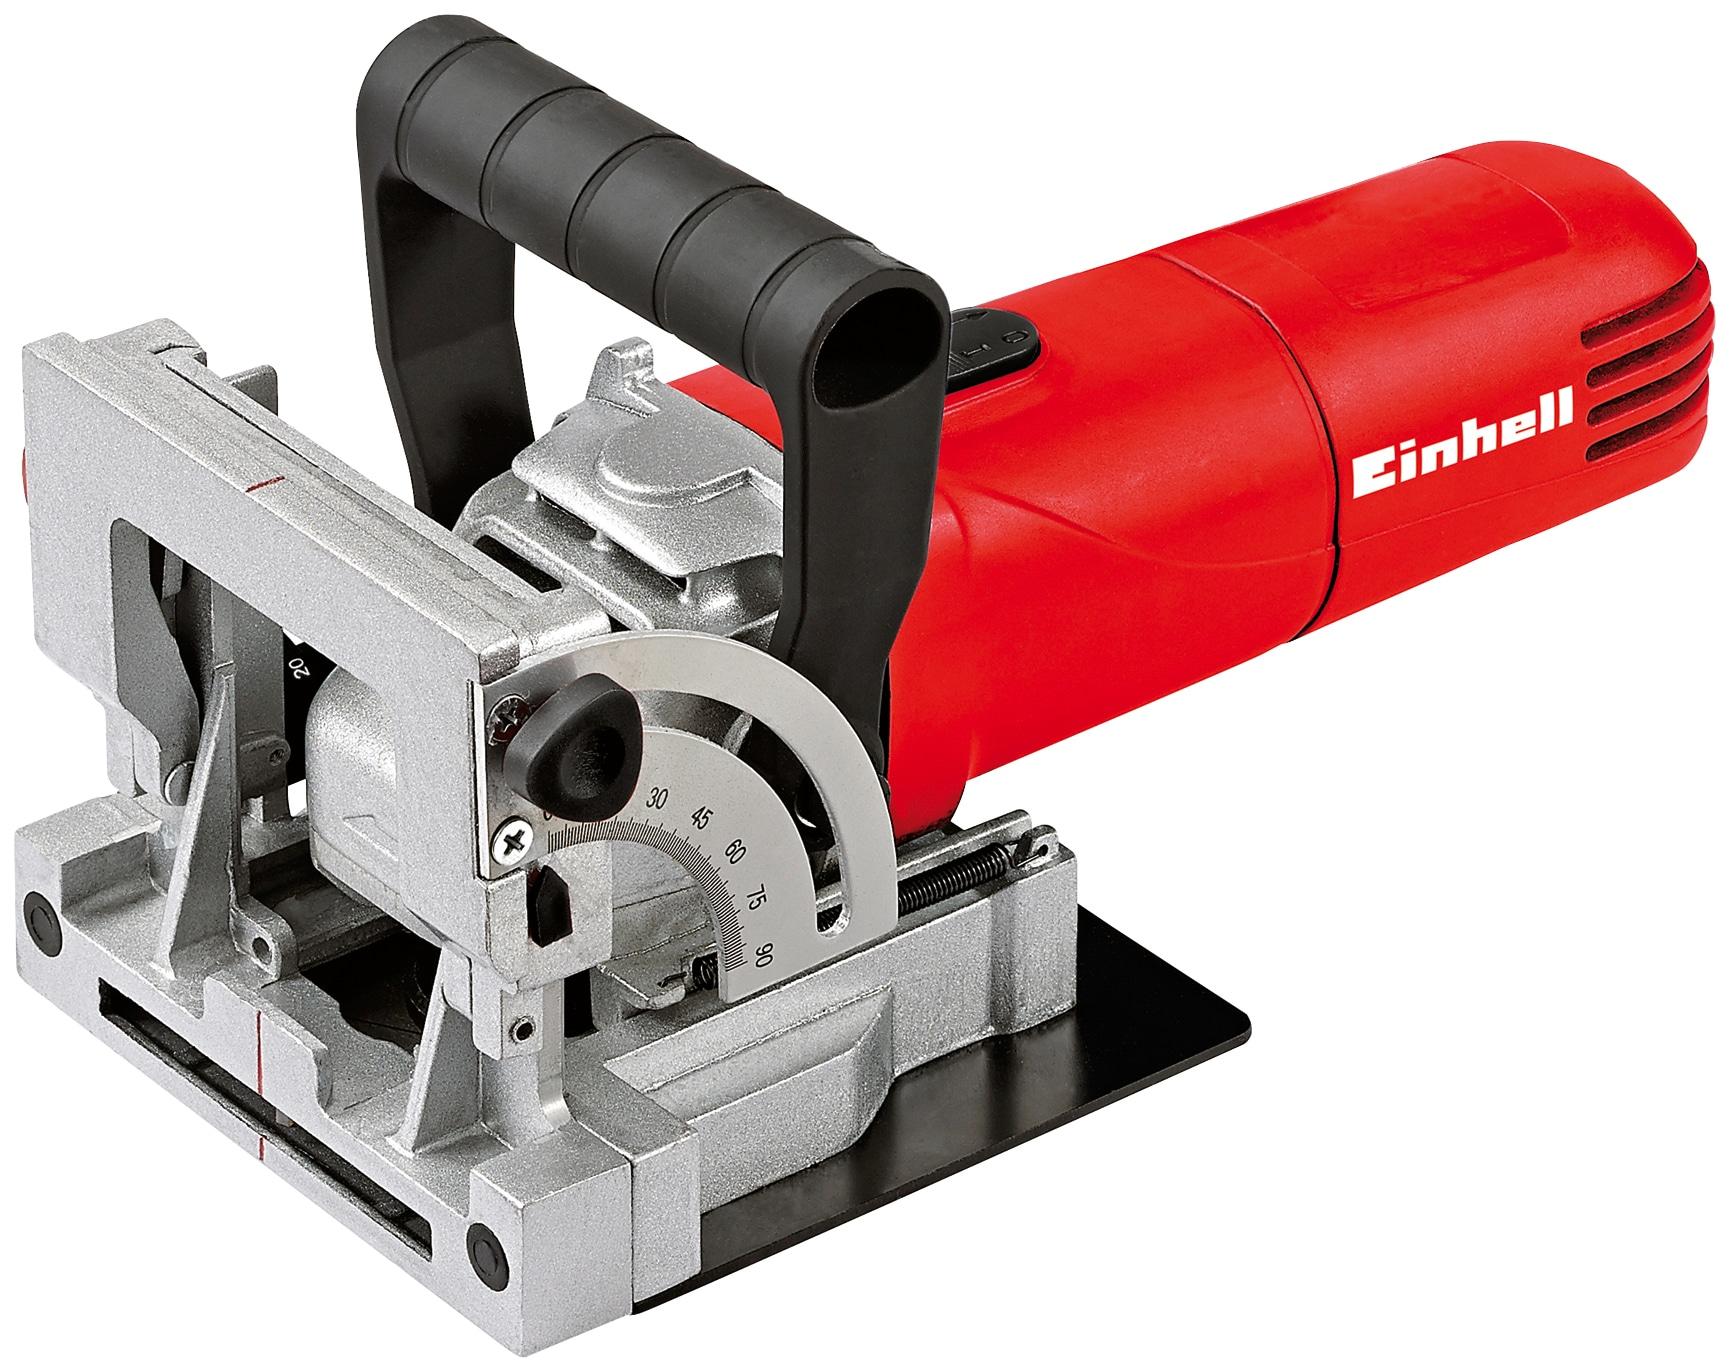 Einhell Flachdübelfräse TC-BJ 900 rot Fräsen Werkzeug Maschinen